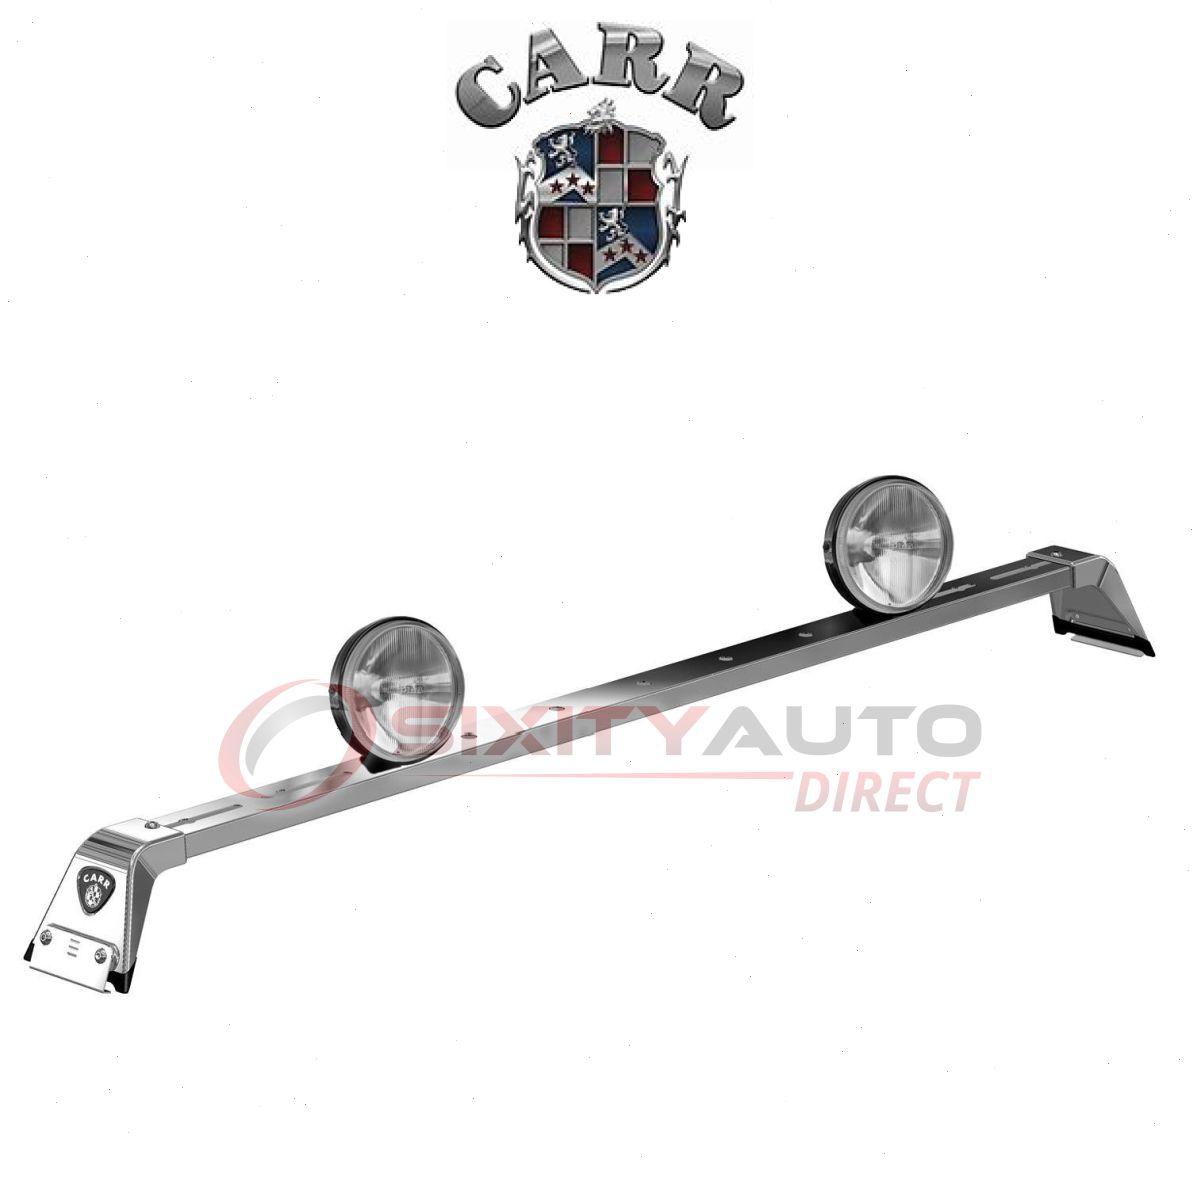 CARR Light Bar for 1987-2018 Chevrolet Suburban